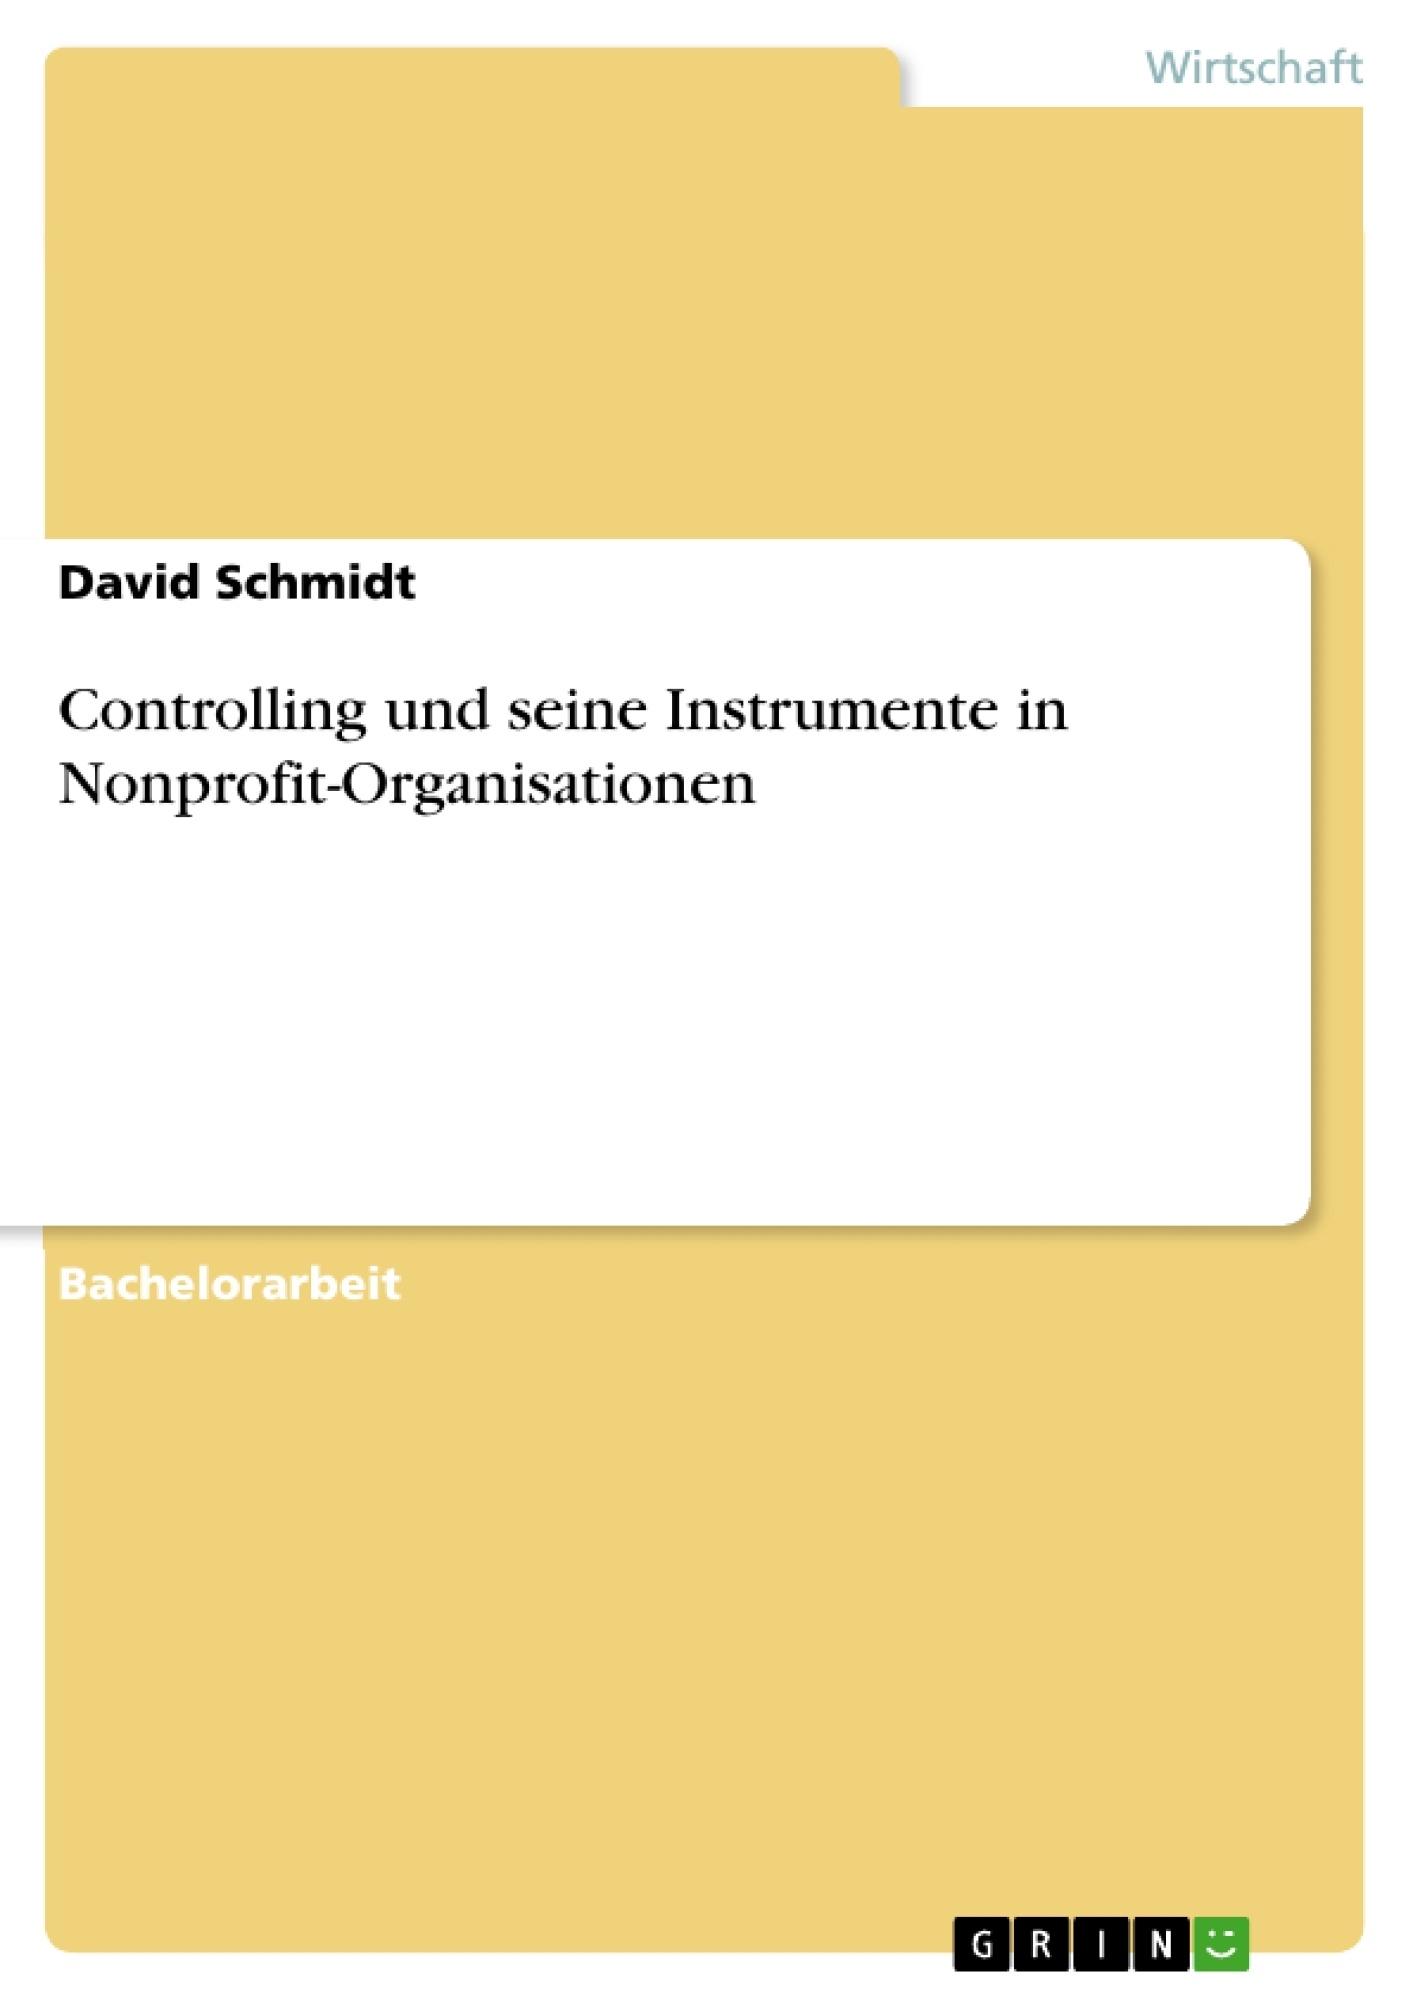 Titel: Controlling und seine Instrumente in Nonprofit-Organisationen